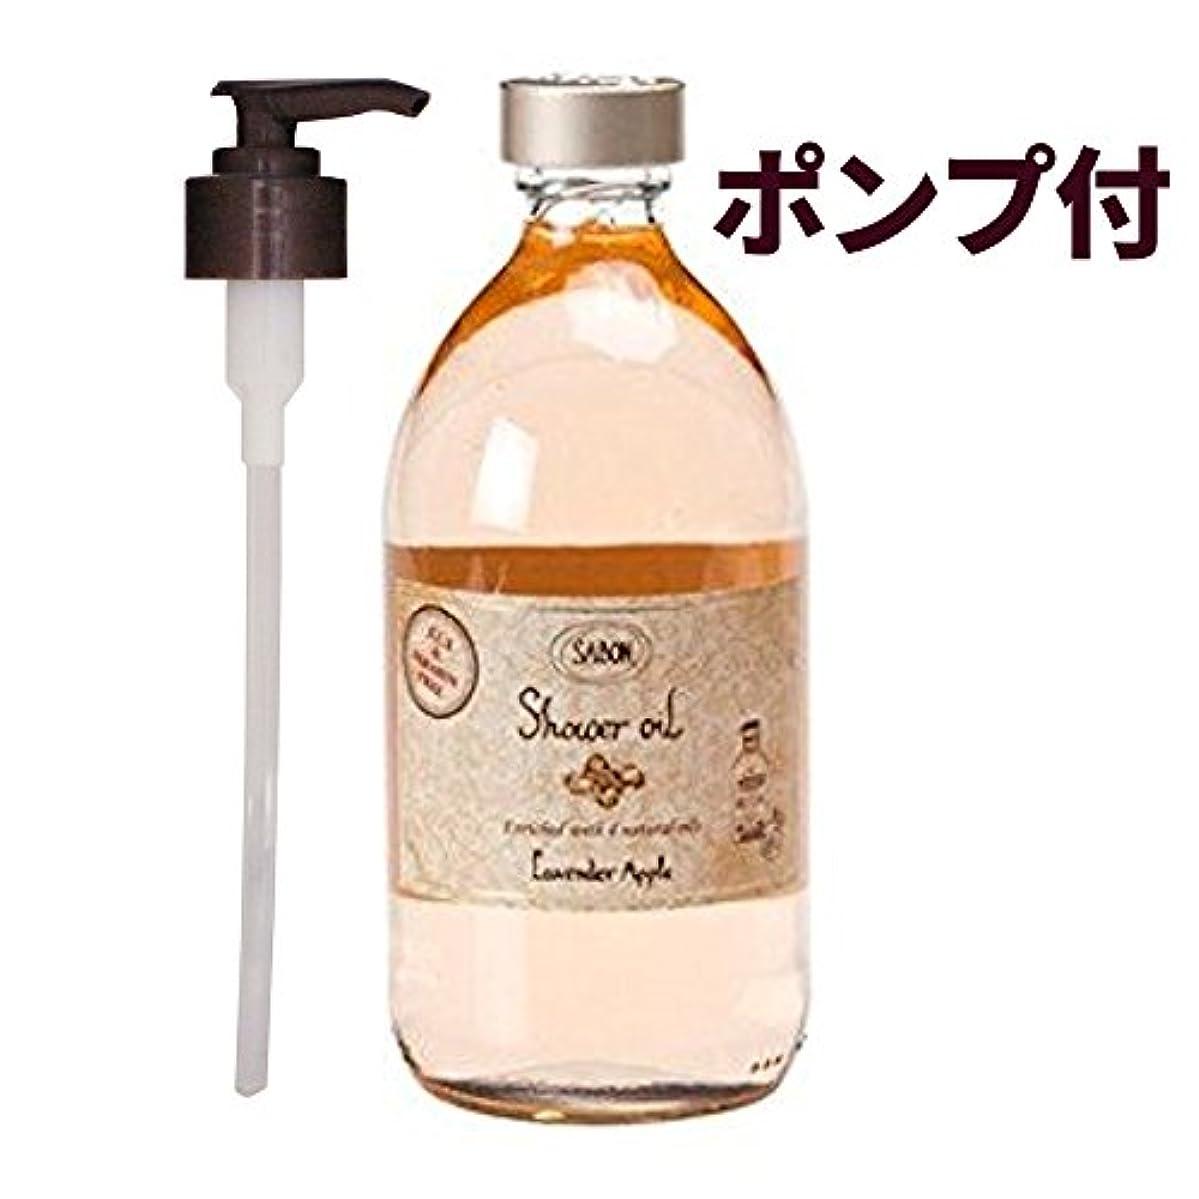 ヒロイン提供された血色の良いサボン-SABON- ボディソープ シャワーオイルラベンダーアップル 500ml LavenderApple :宅急便対応  ポンプ付 [並行輸入品]